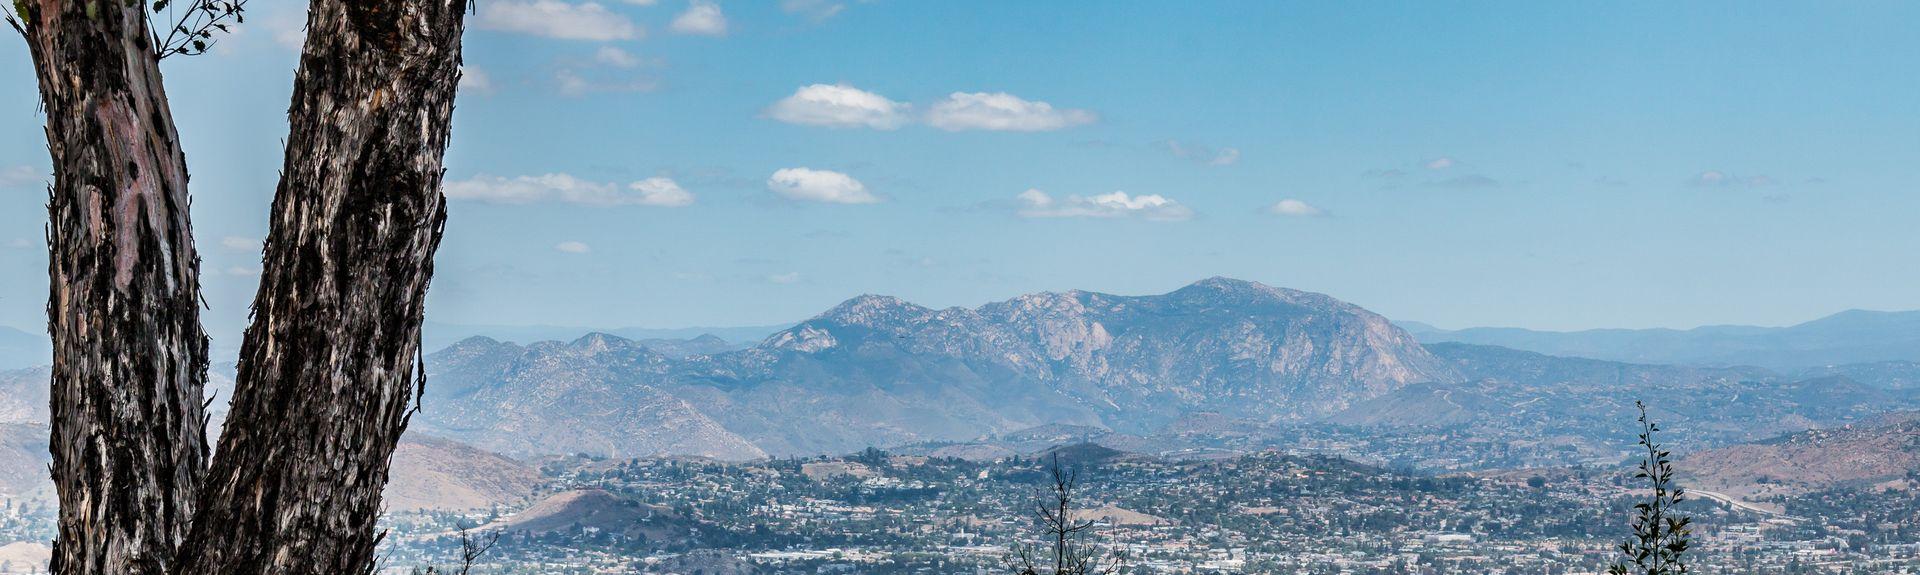 El Cajon, Califórnia, Estados Unidos